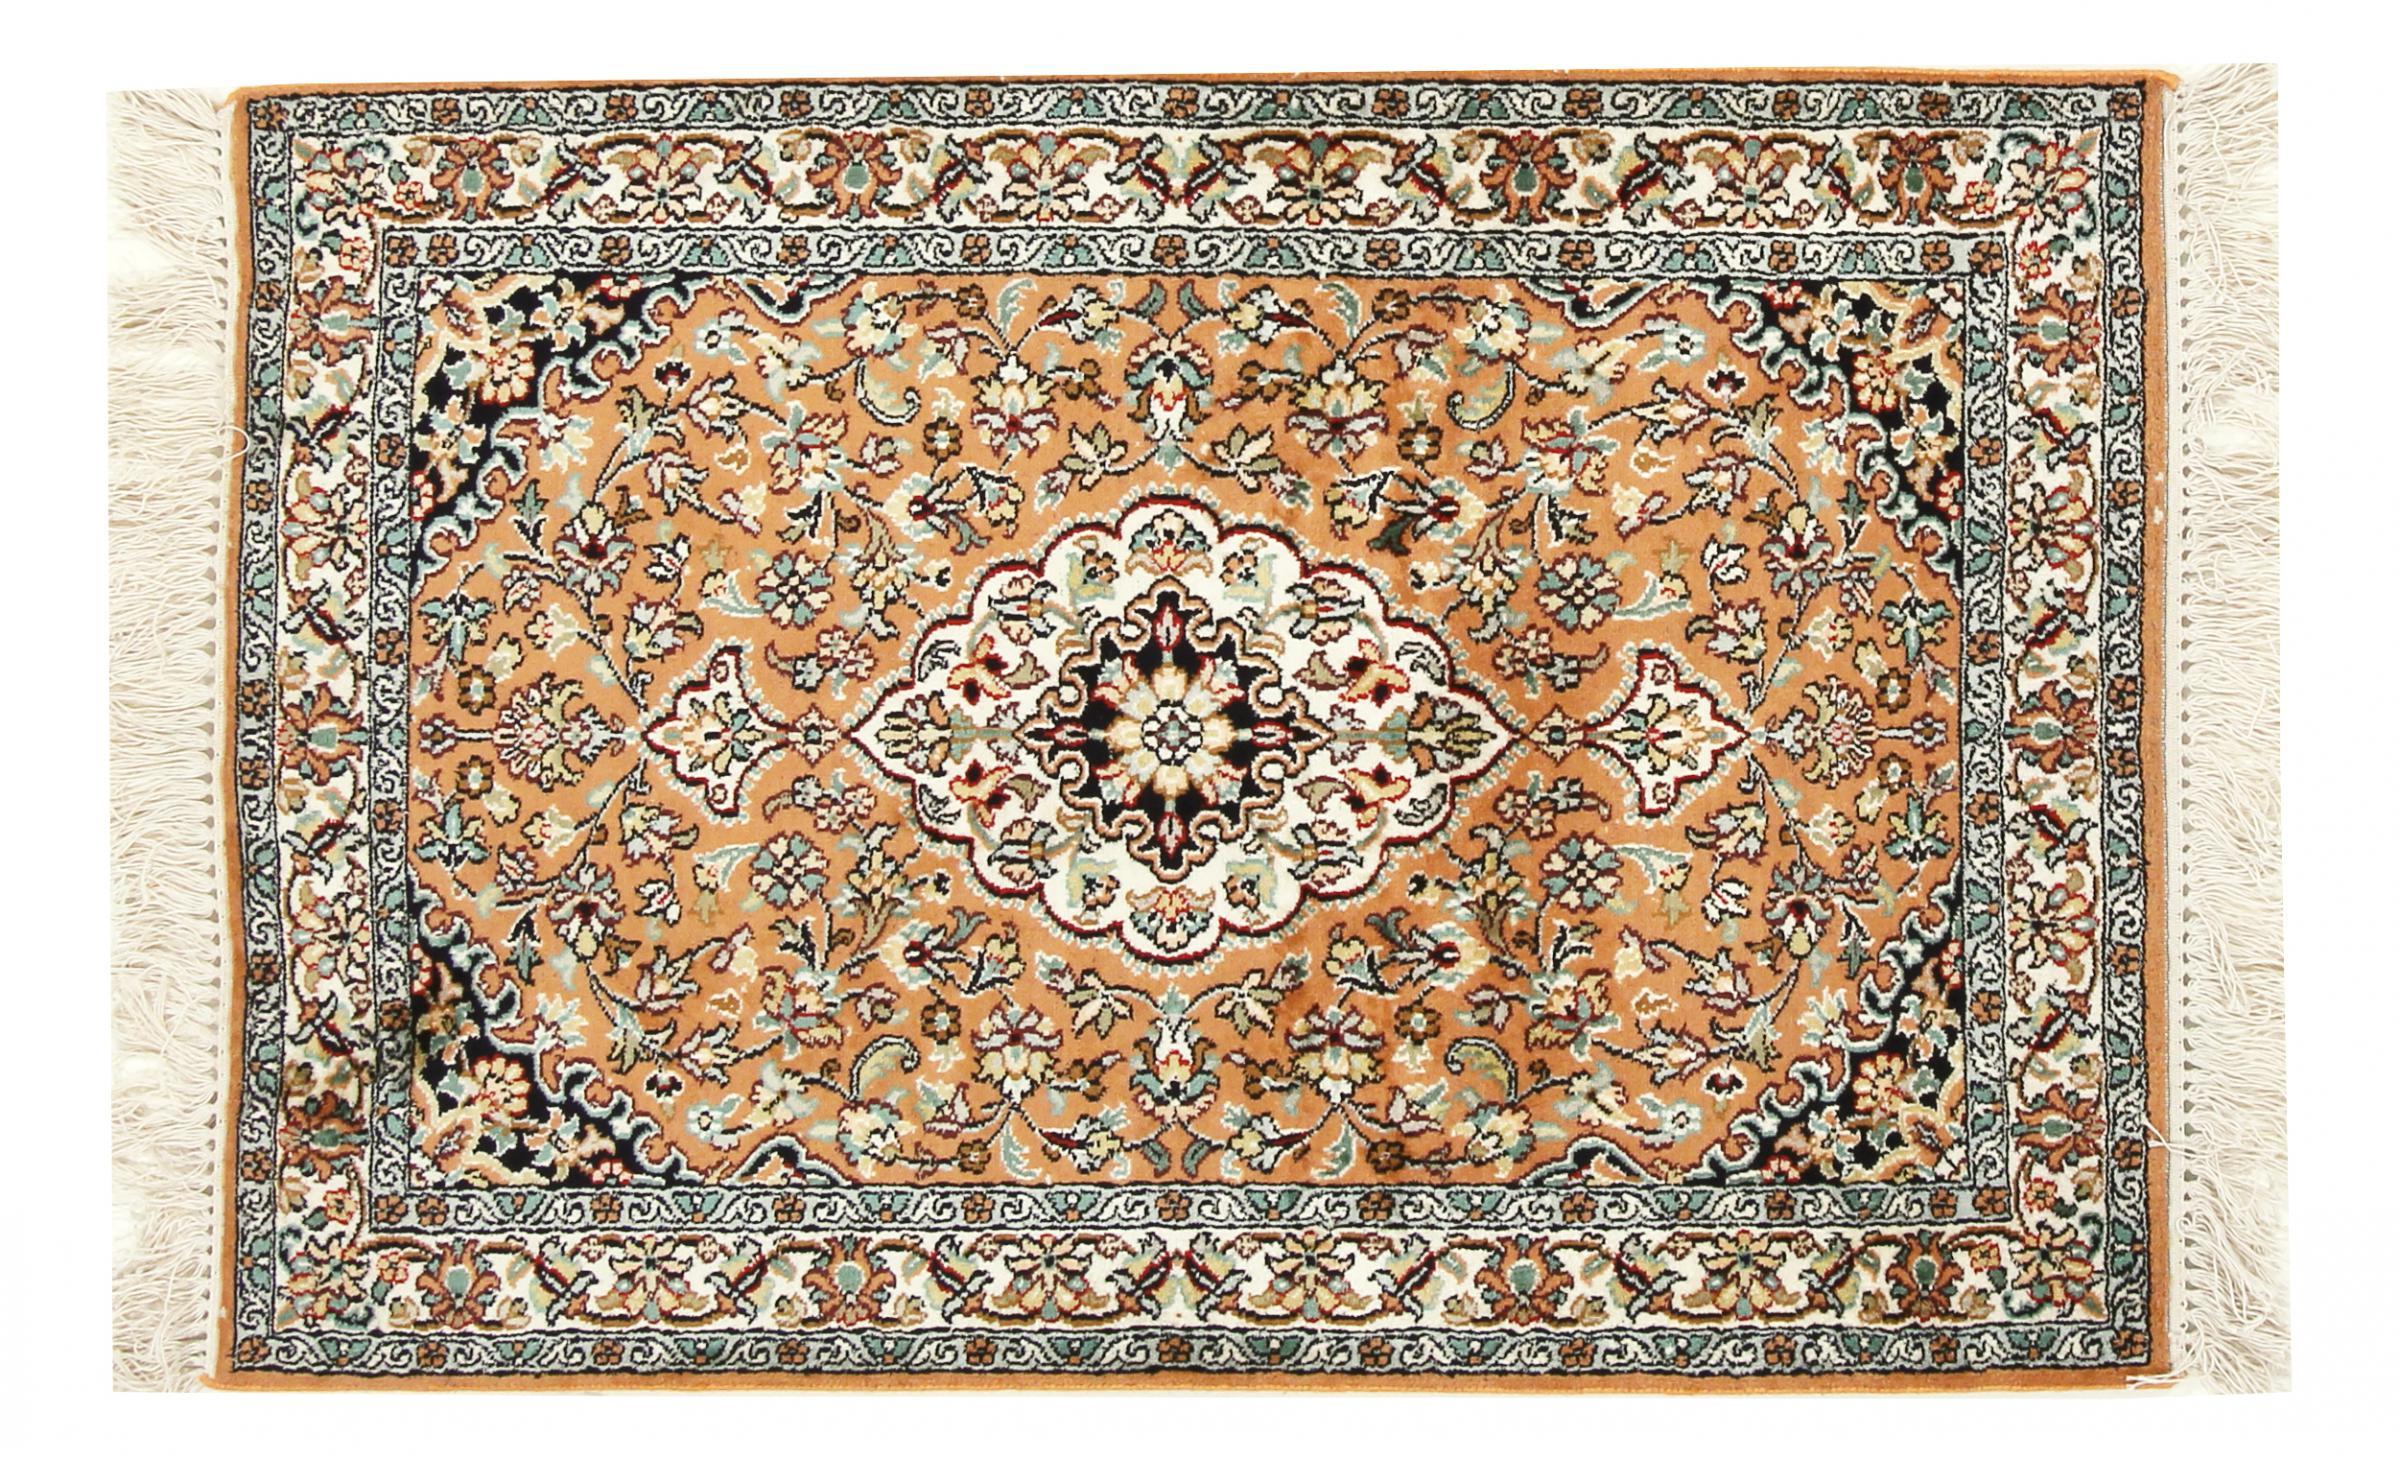 kaschmir reine seide indischer teppich 99x61 id33677 kaufen sie ihren orientteppich kaschmir. Black Bedroom Furniture Sets. Home Design Ideas